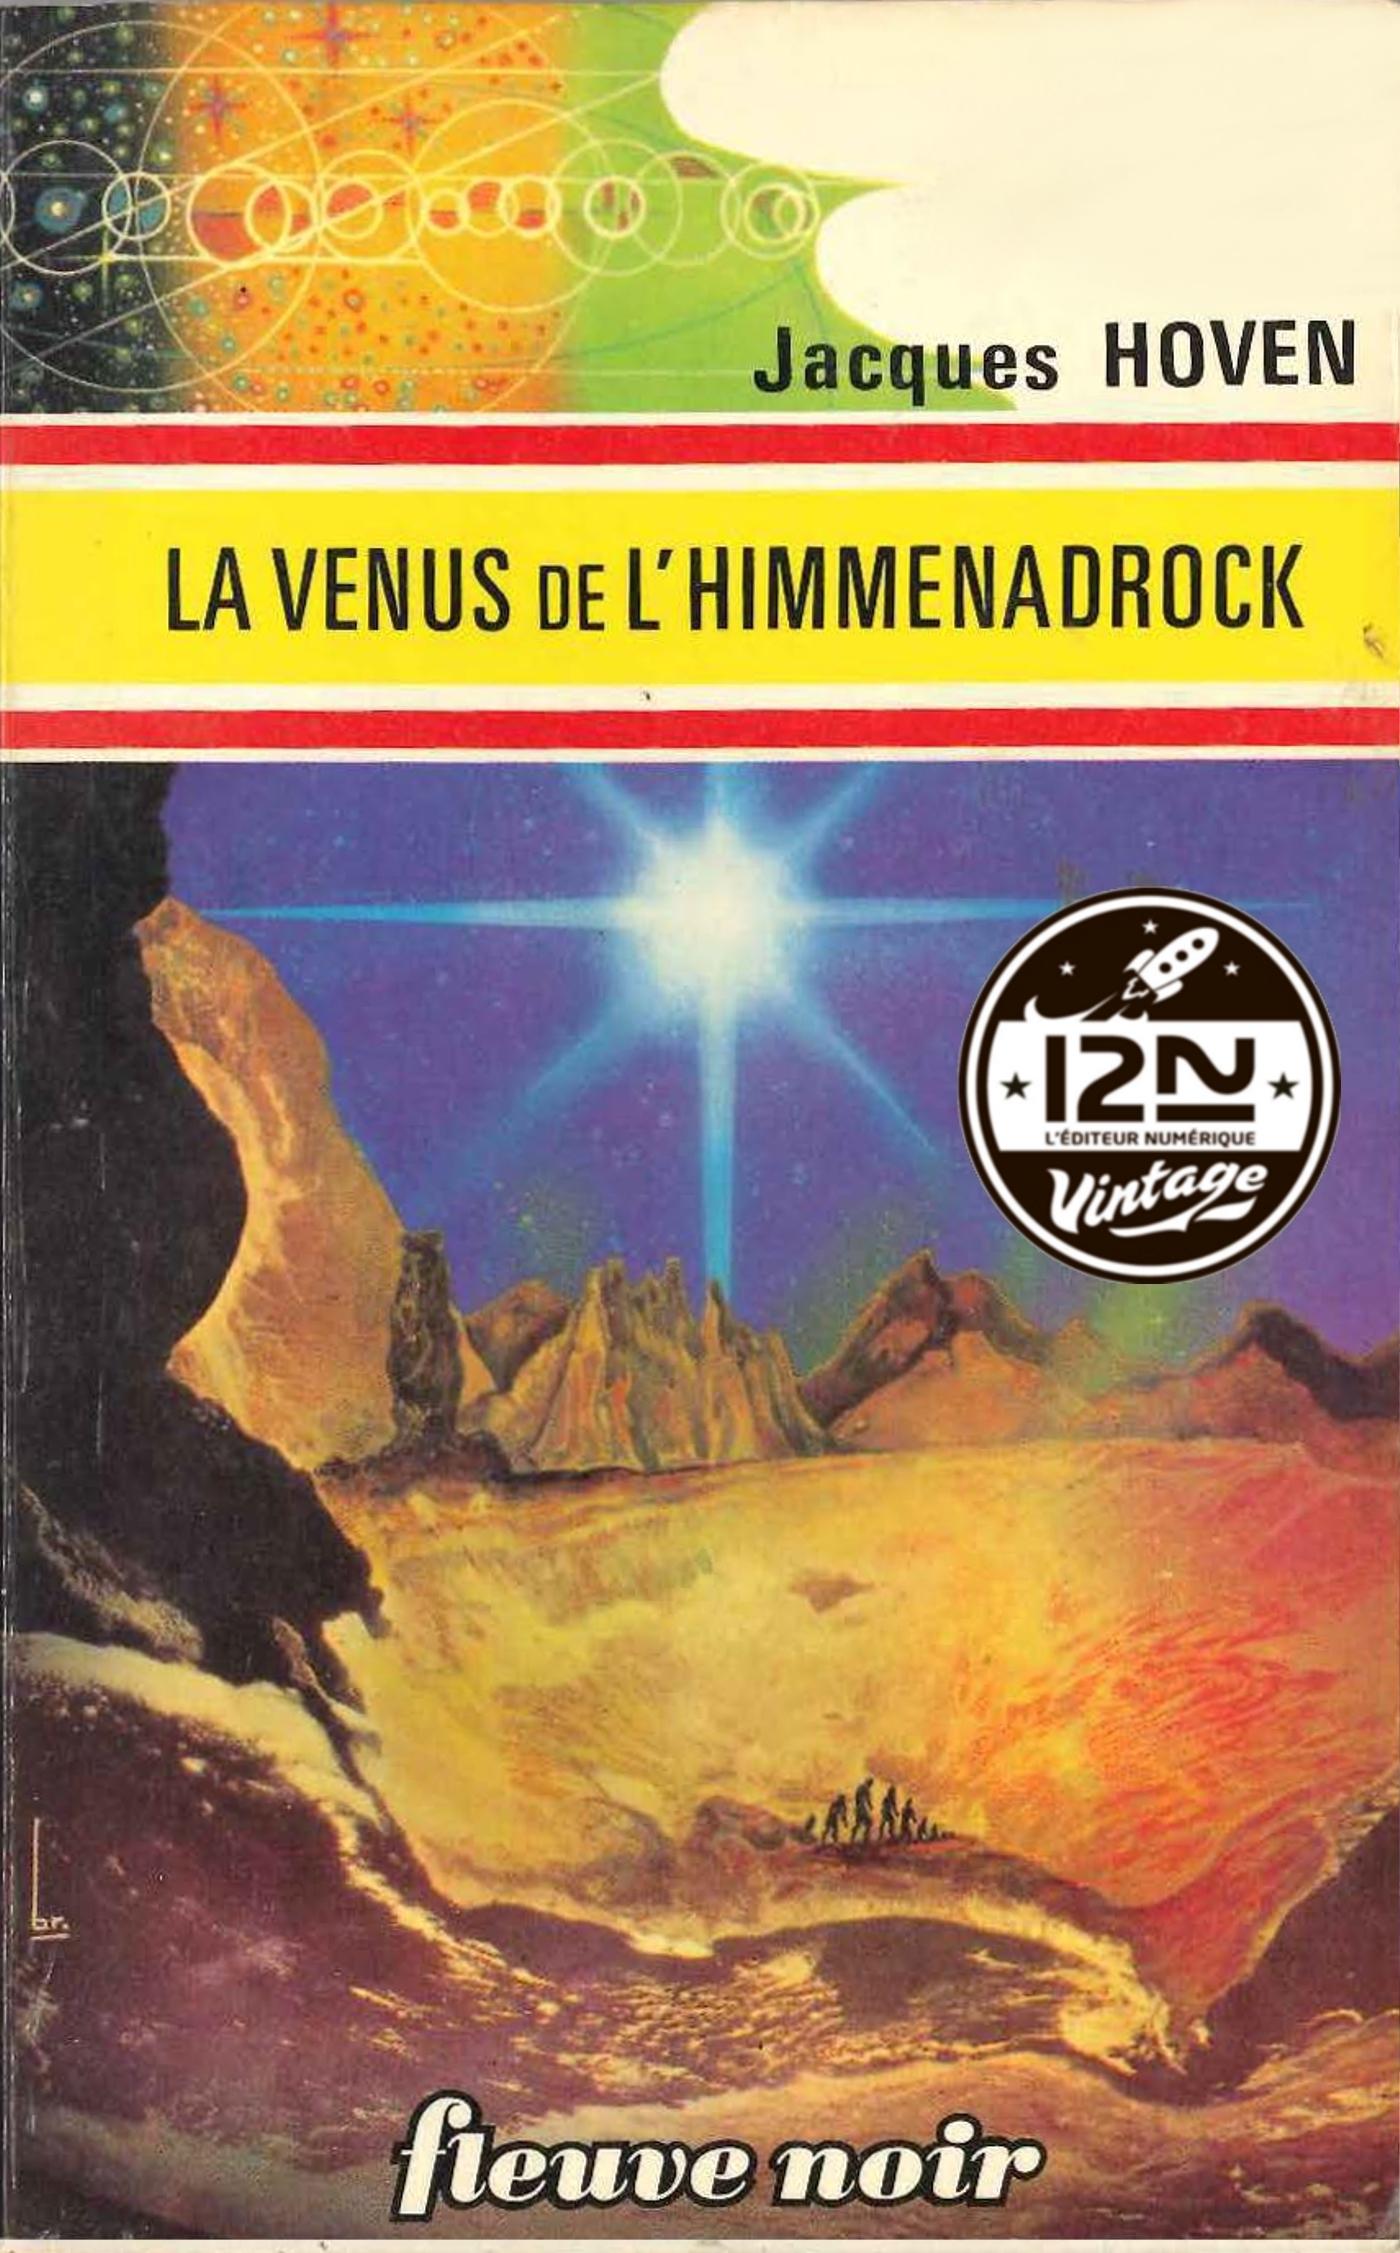 La Vénus de l'Himmenadrock